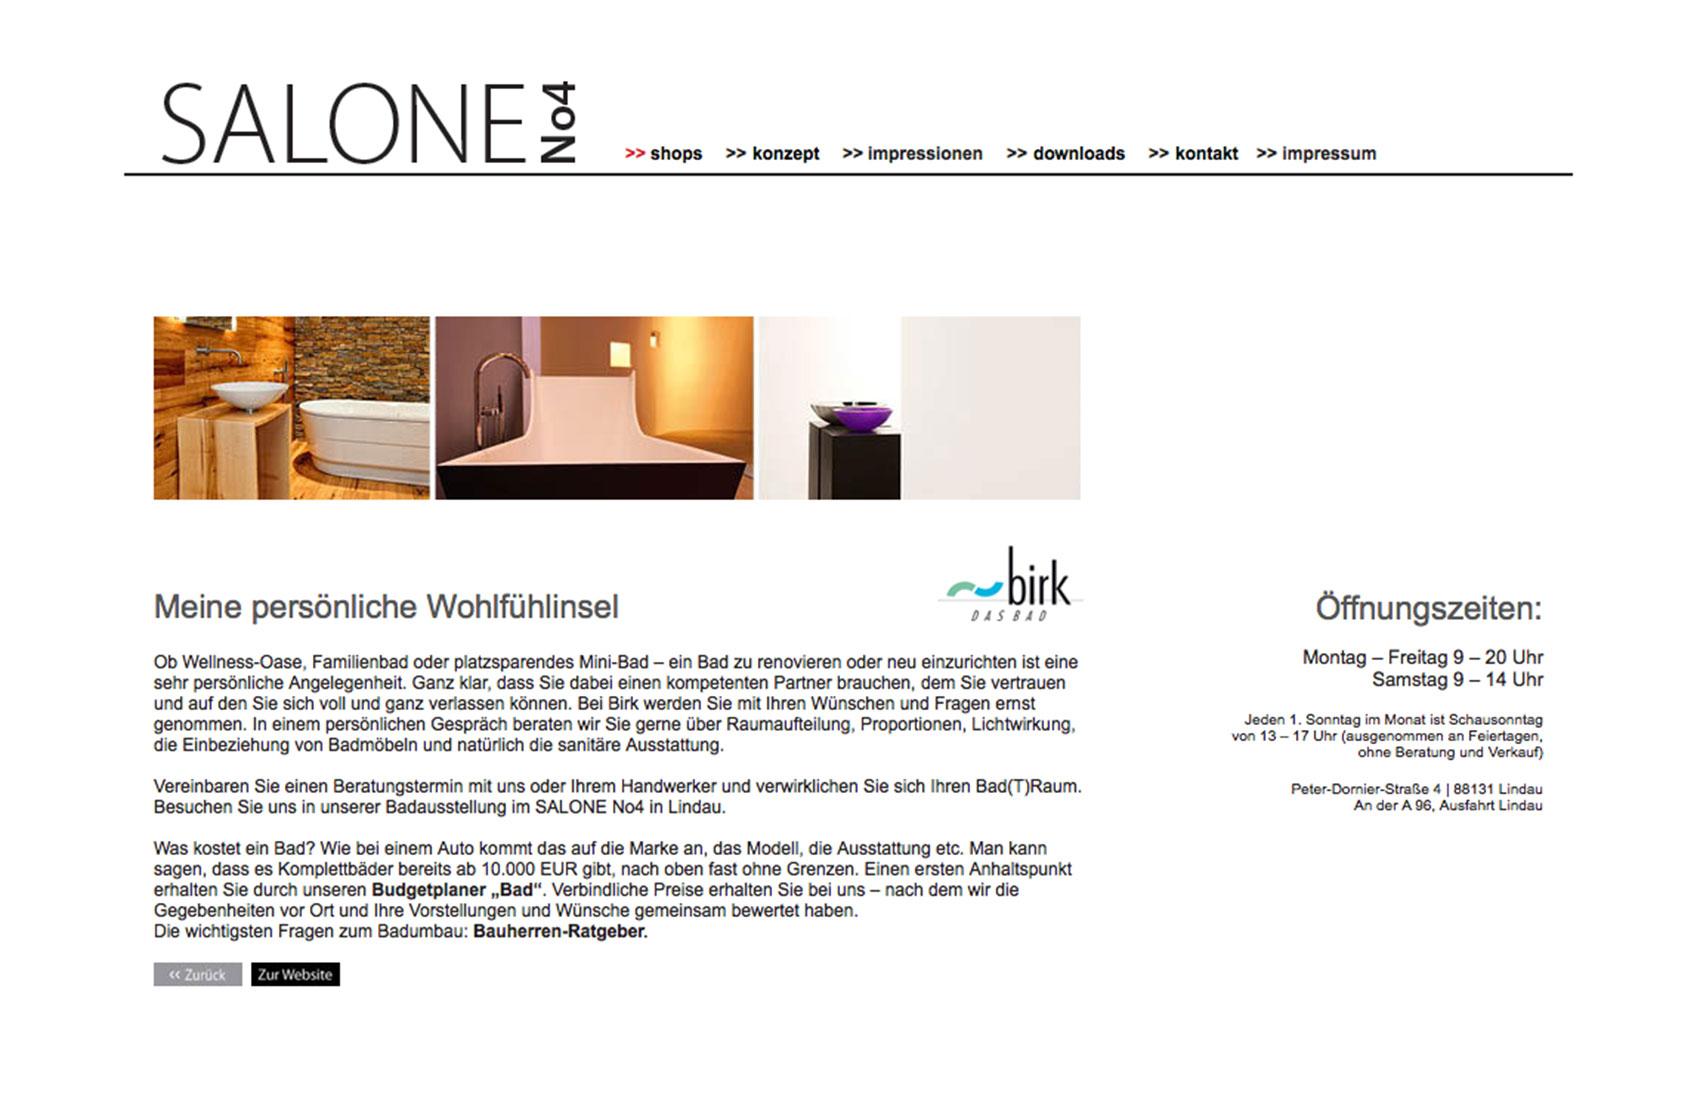 Webdesign für Salone No4 im Stil des Corporate Designs